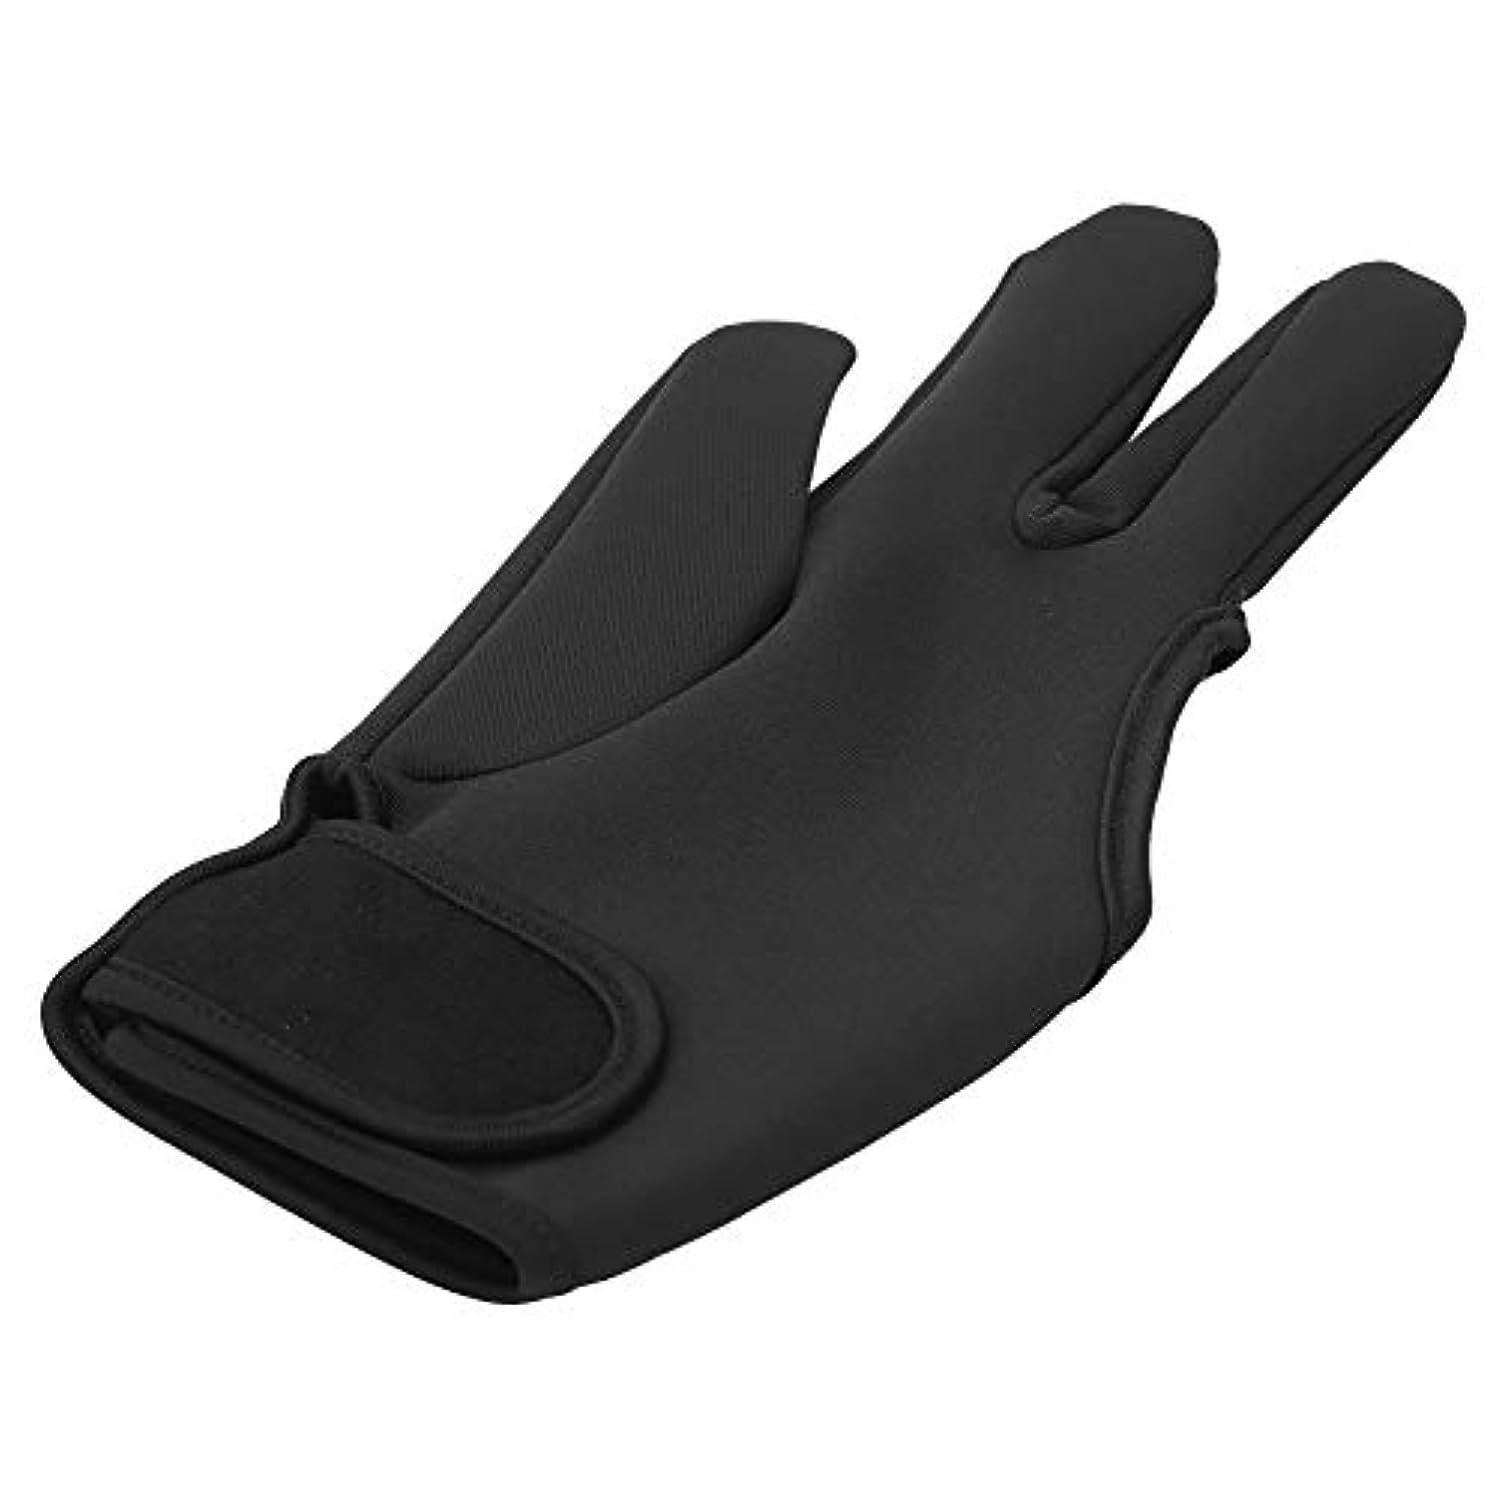 シャーロットブロンテキッチン現れる理髪手袋、理髪を行うときに手をやけどするのを防ぐためのプロの耐熱プルーフグローブ、美容院に最適